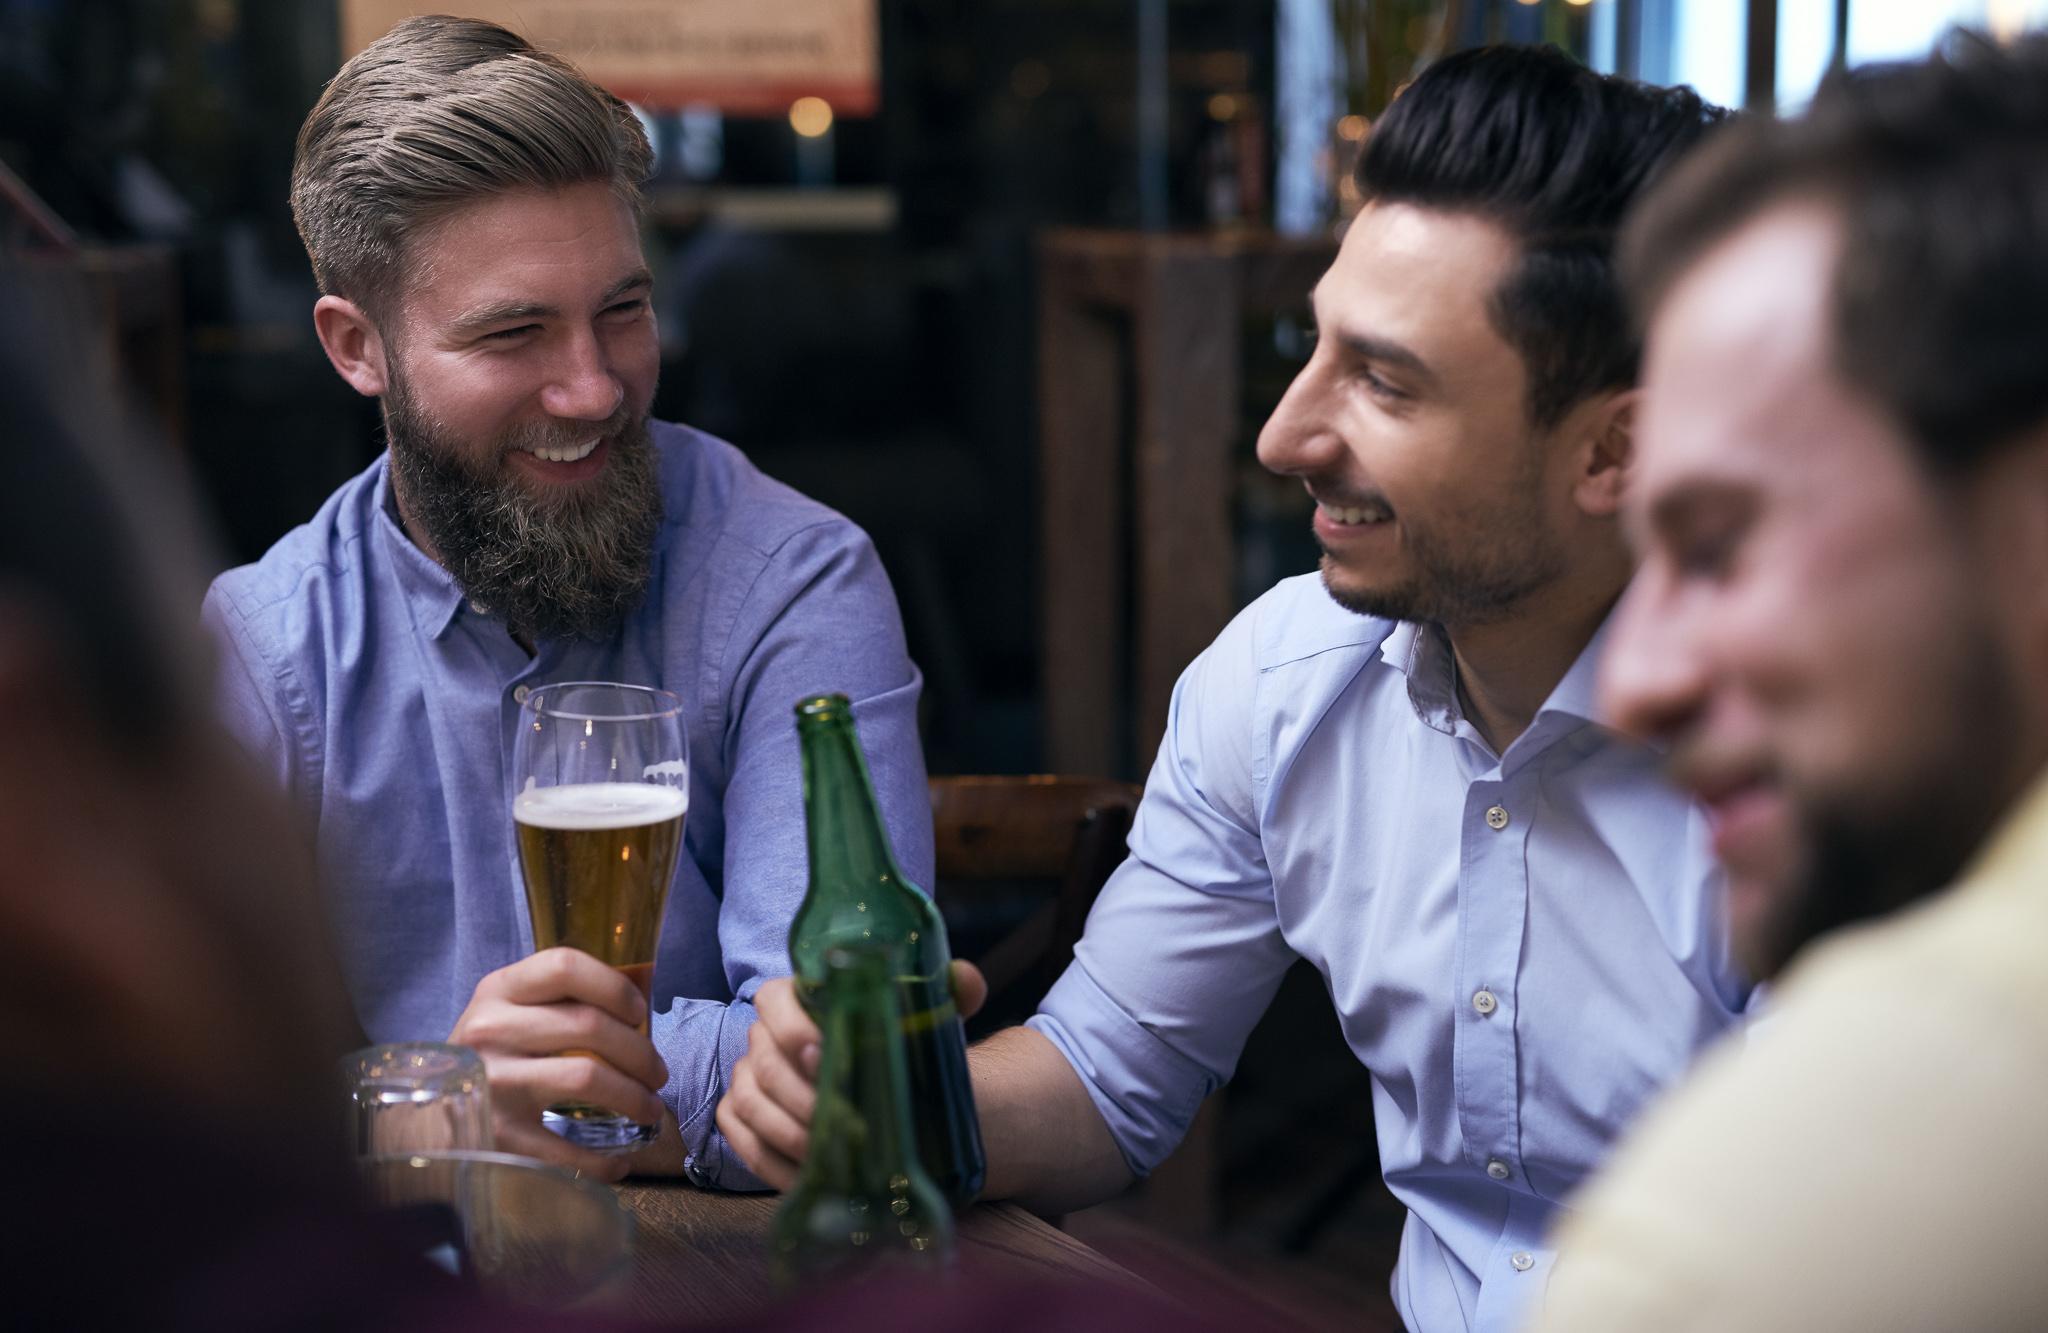 Afterski Drinkbord Premium - Vinterträdgården. Drinkbord med sittplatser nära scenen, 2 öl 2 Jägermeister ingår. Minst 6 per bord.795kr